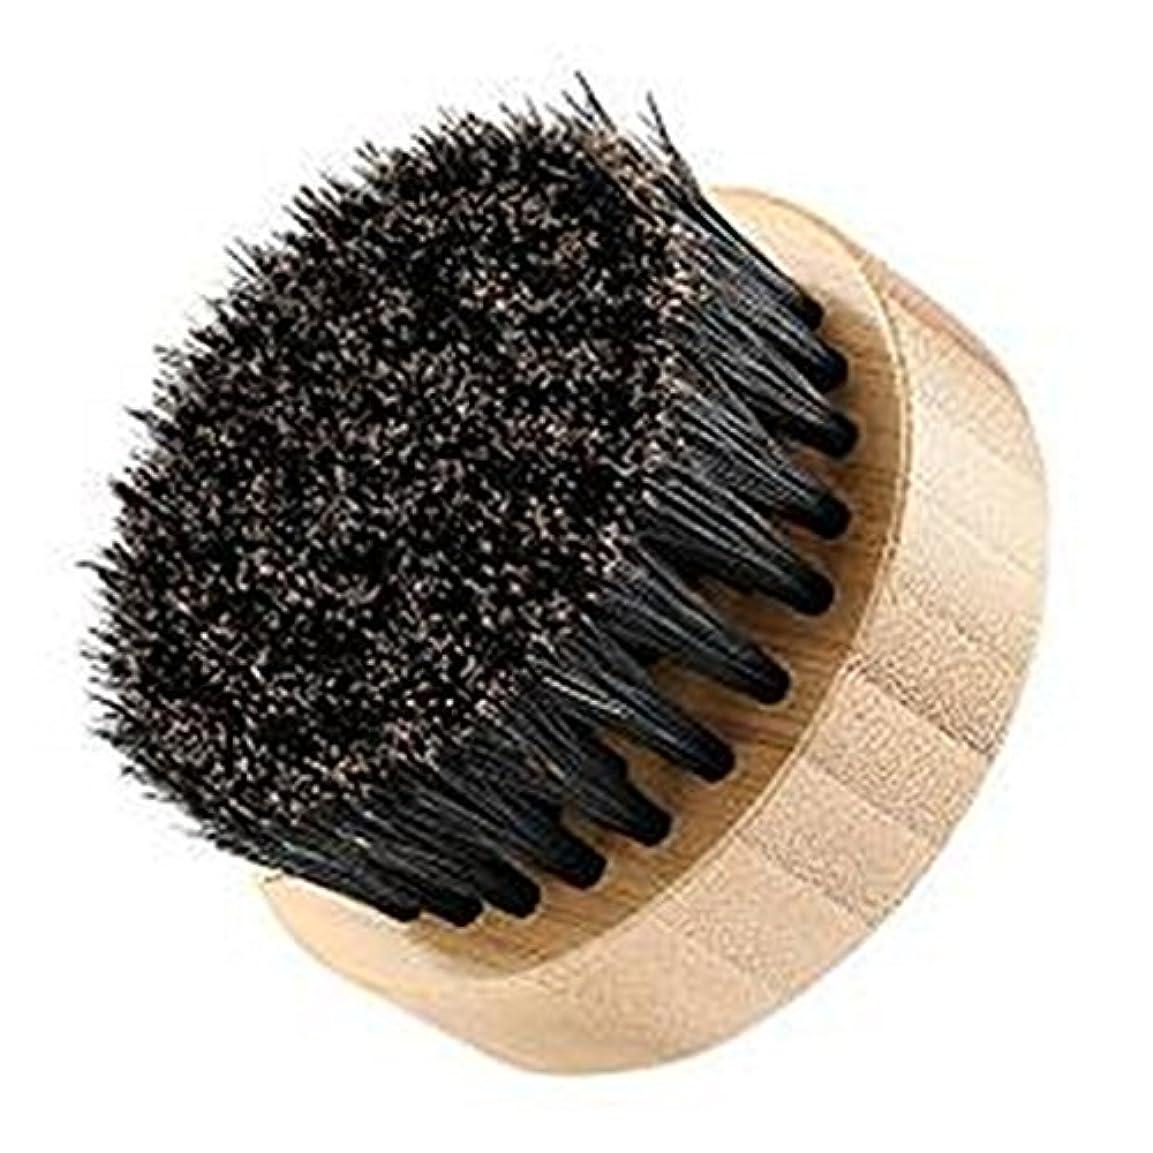 製造業ディベート歩くLUXWELL(ラクスウェル) ブラシ 100% 豚毛ブラシ 天然木 髭ブラシ FH-130